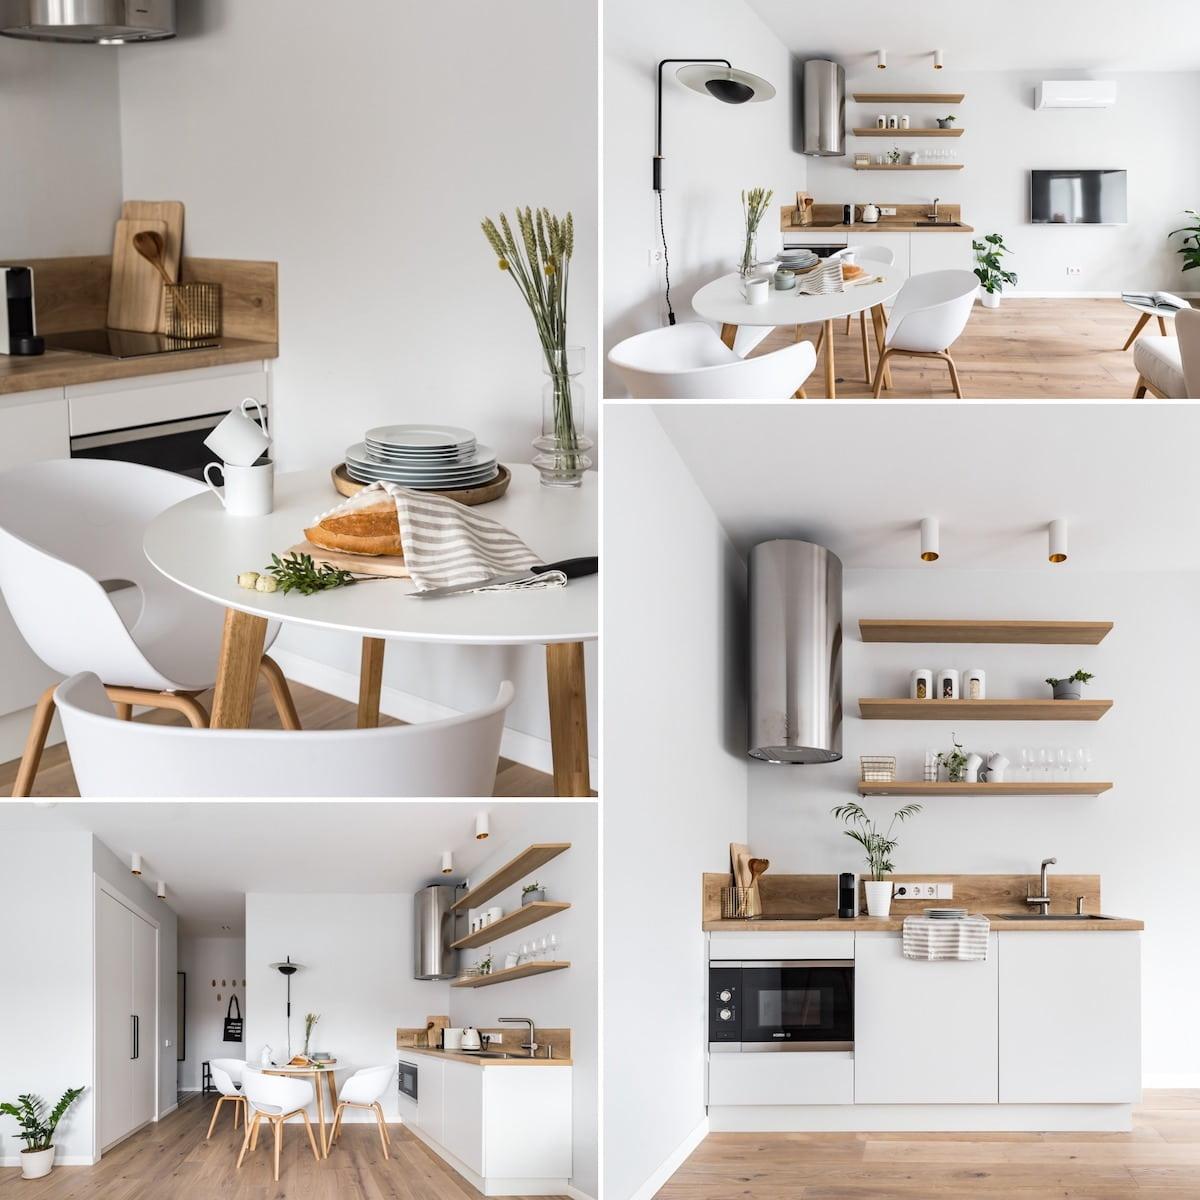 Кухня в скандинавском стиле – эталон гармонии и респектабельности